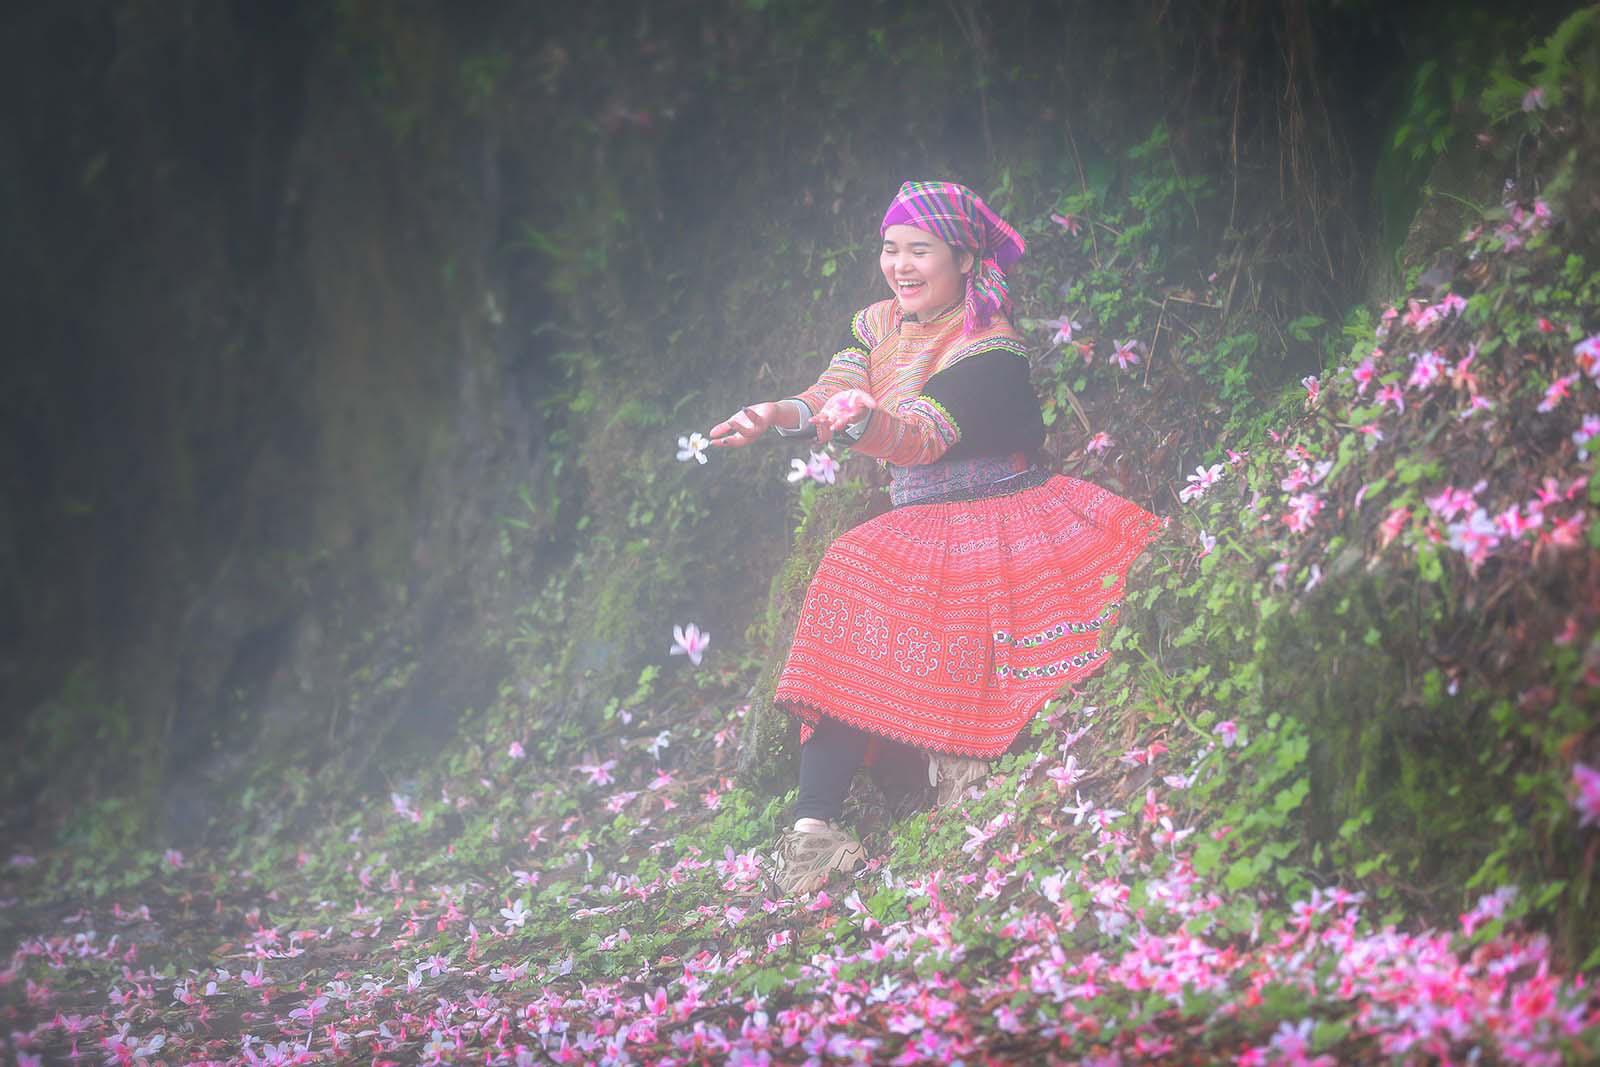 Cao Bằng: Mê mẩn sắc hoa Đỗ quyên cổ thụ rực rỡ trên đỉnh Phia Oắc - Ảnh 6.